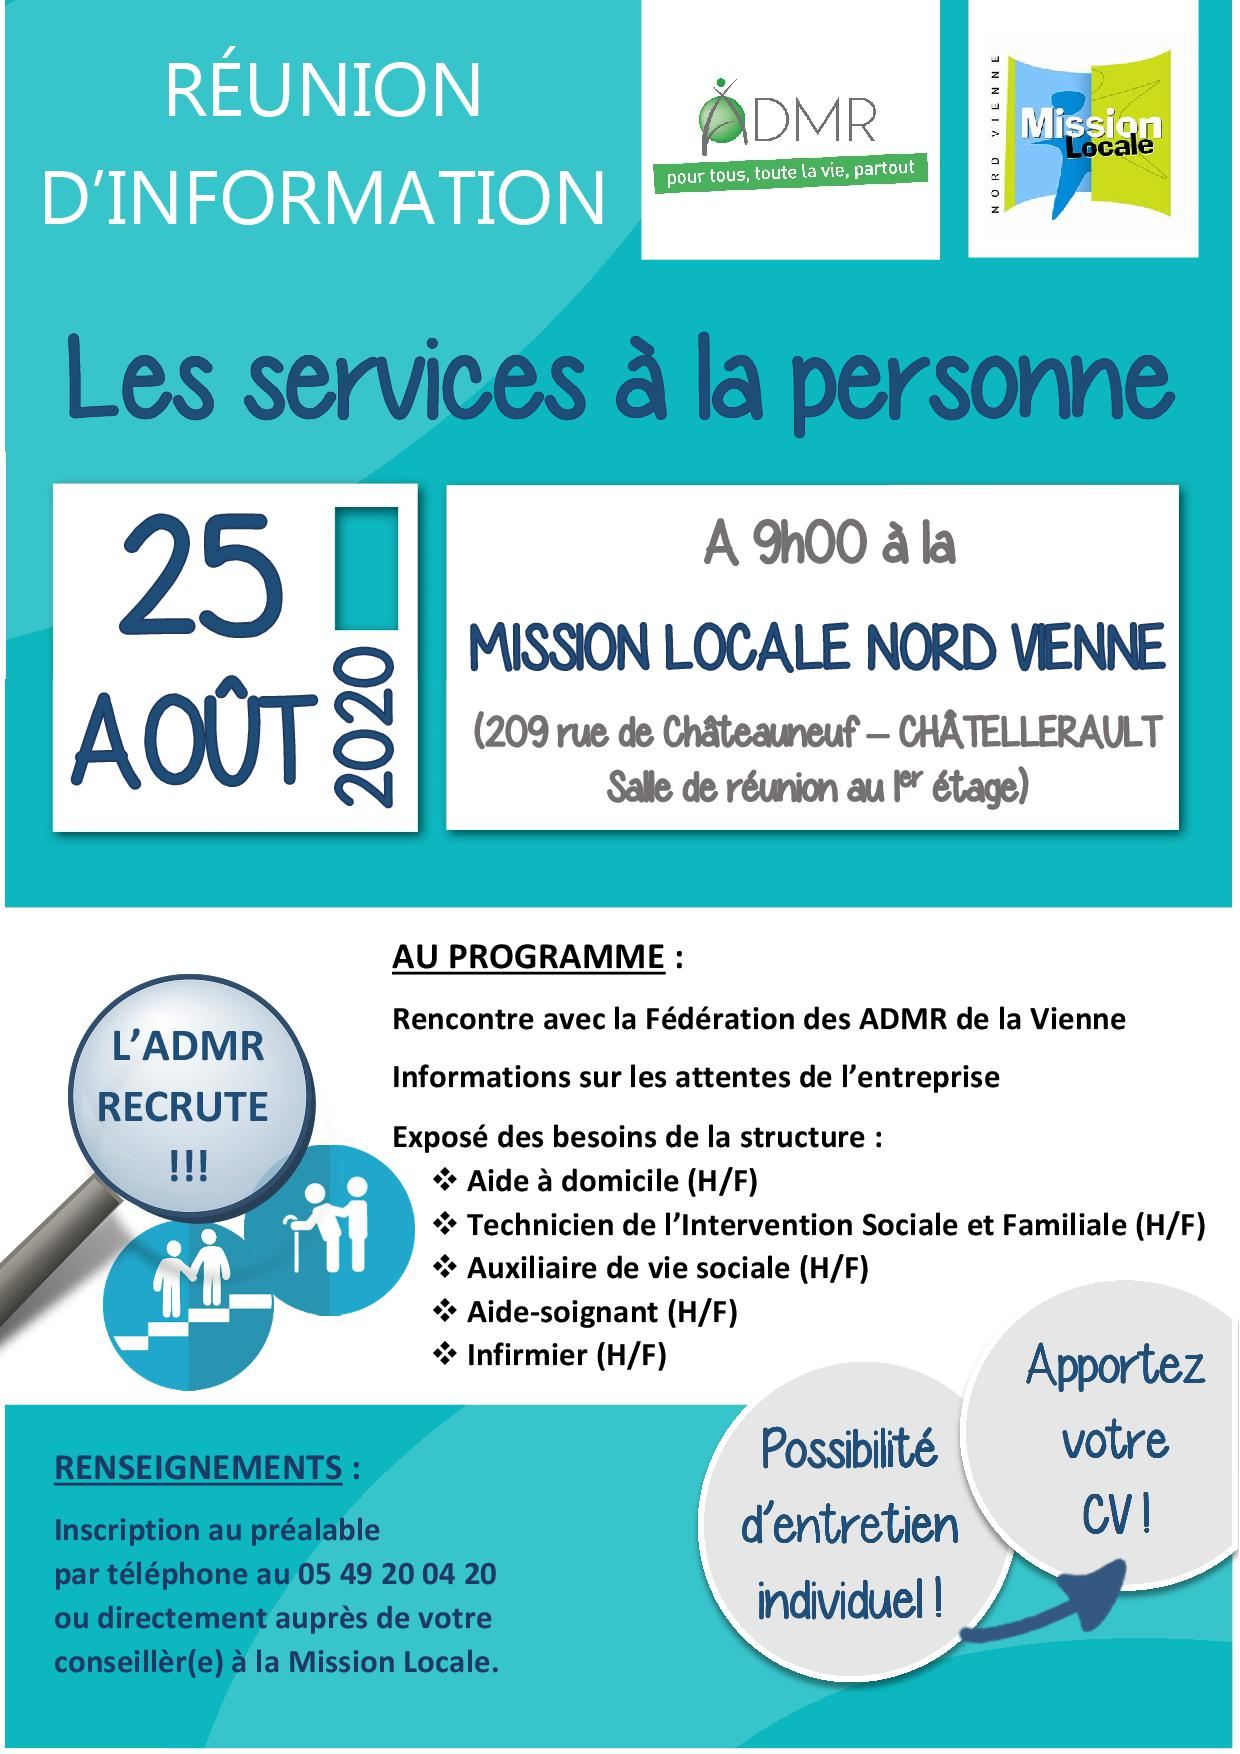 RÉUNION D'INFORMATION : Les métiers du service à la personne